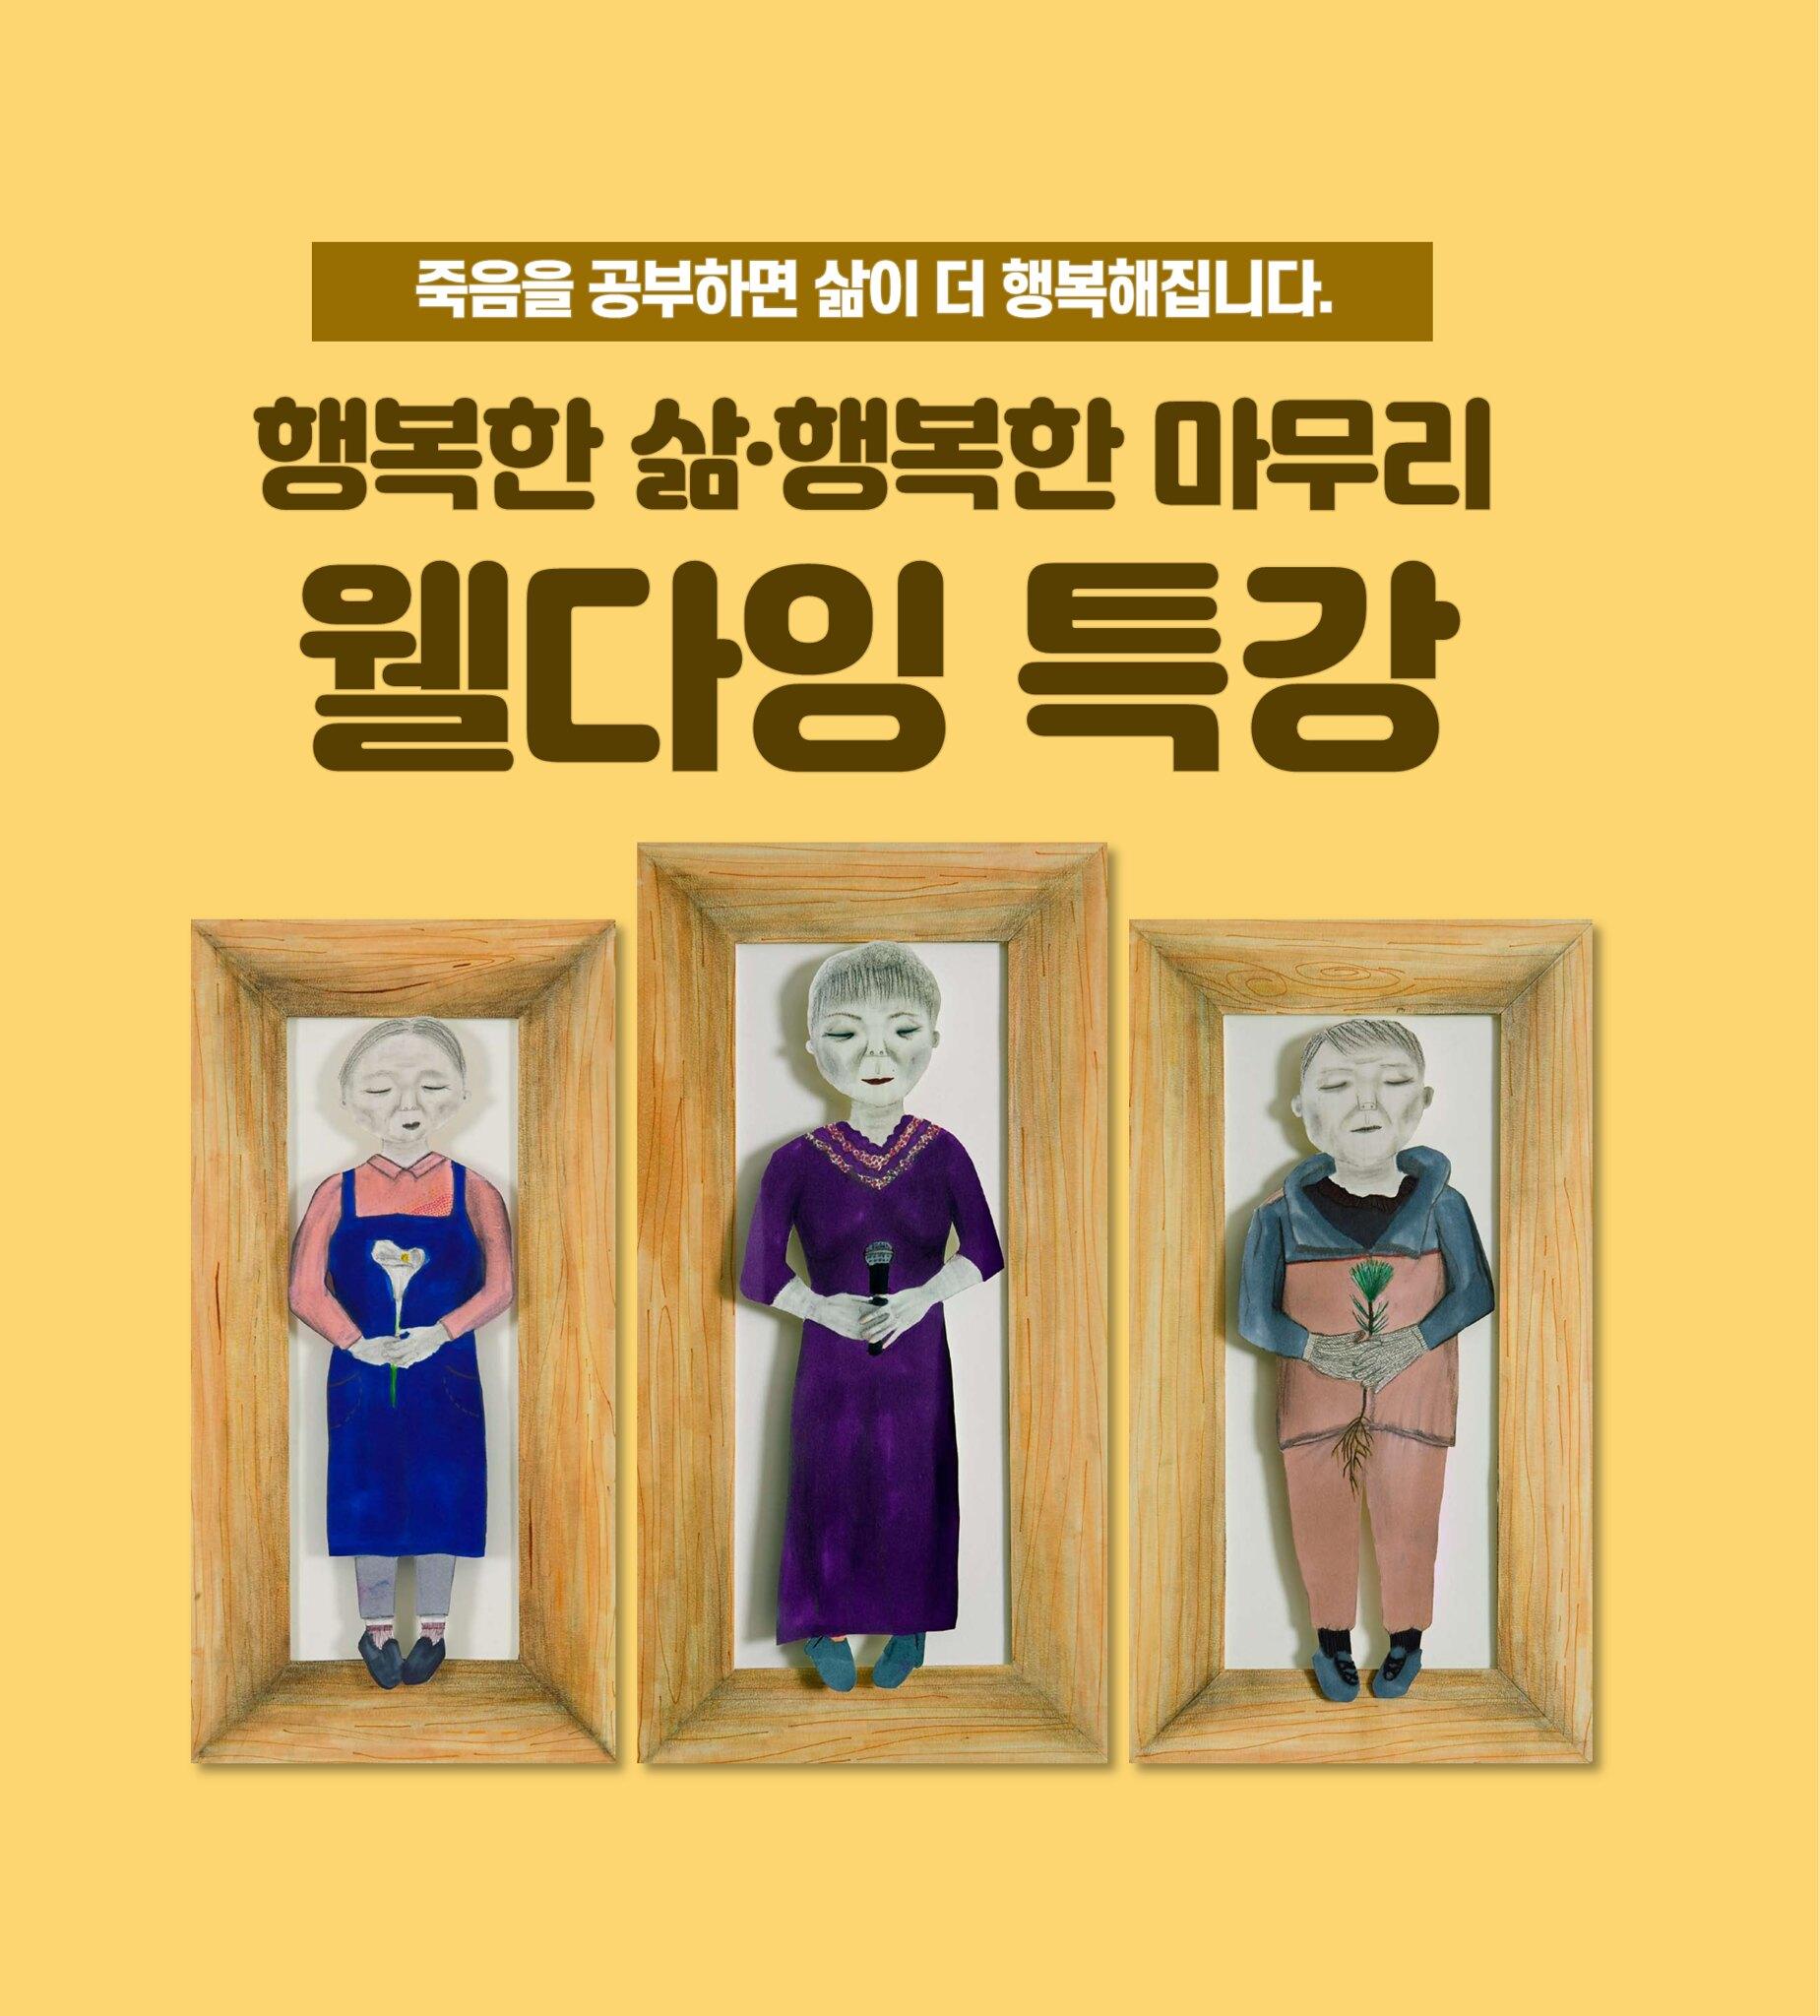 강원남 이사님 웰다잉 특강